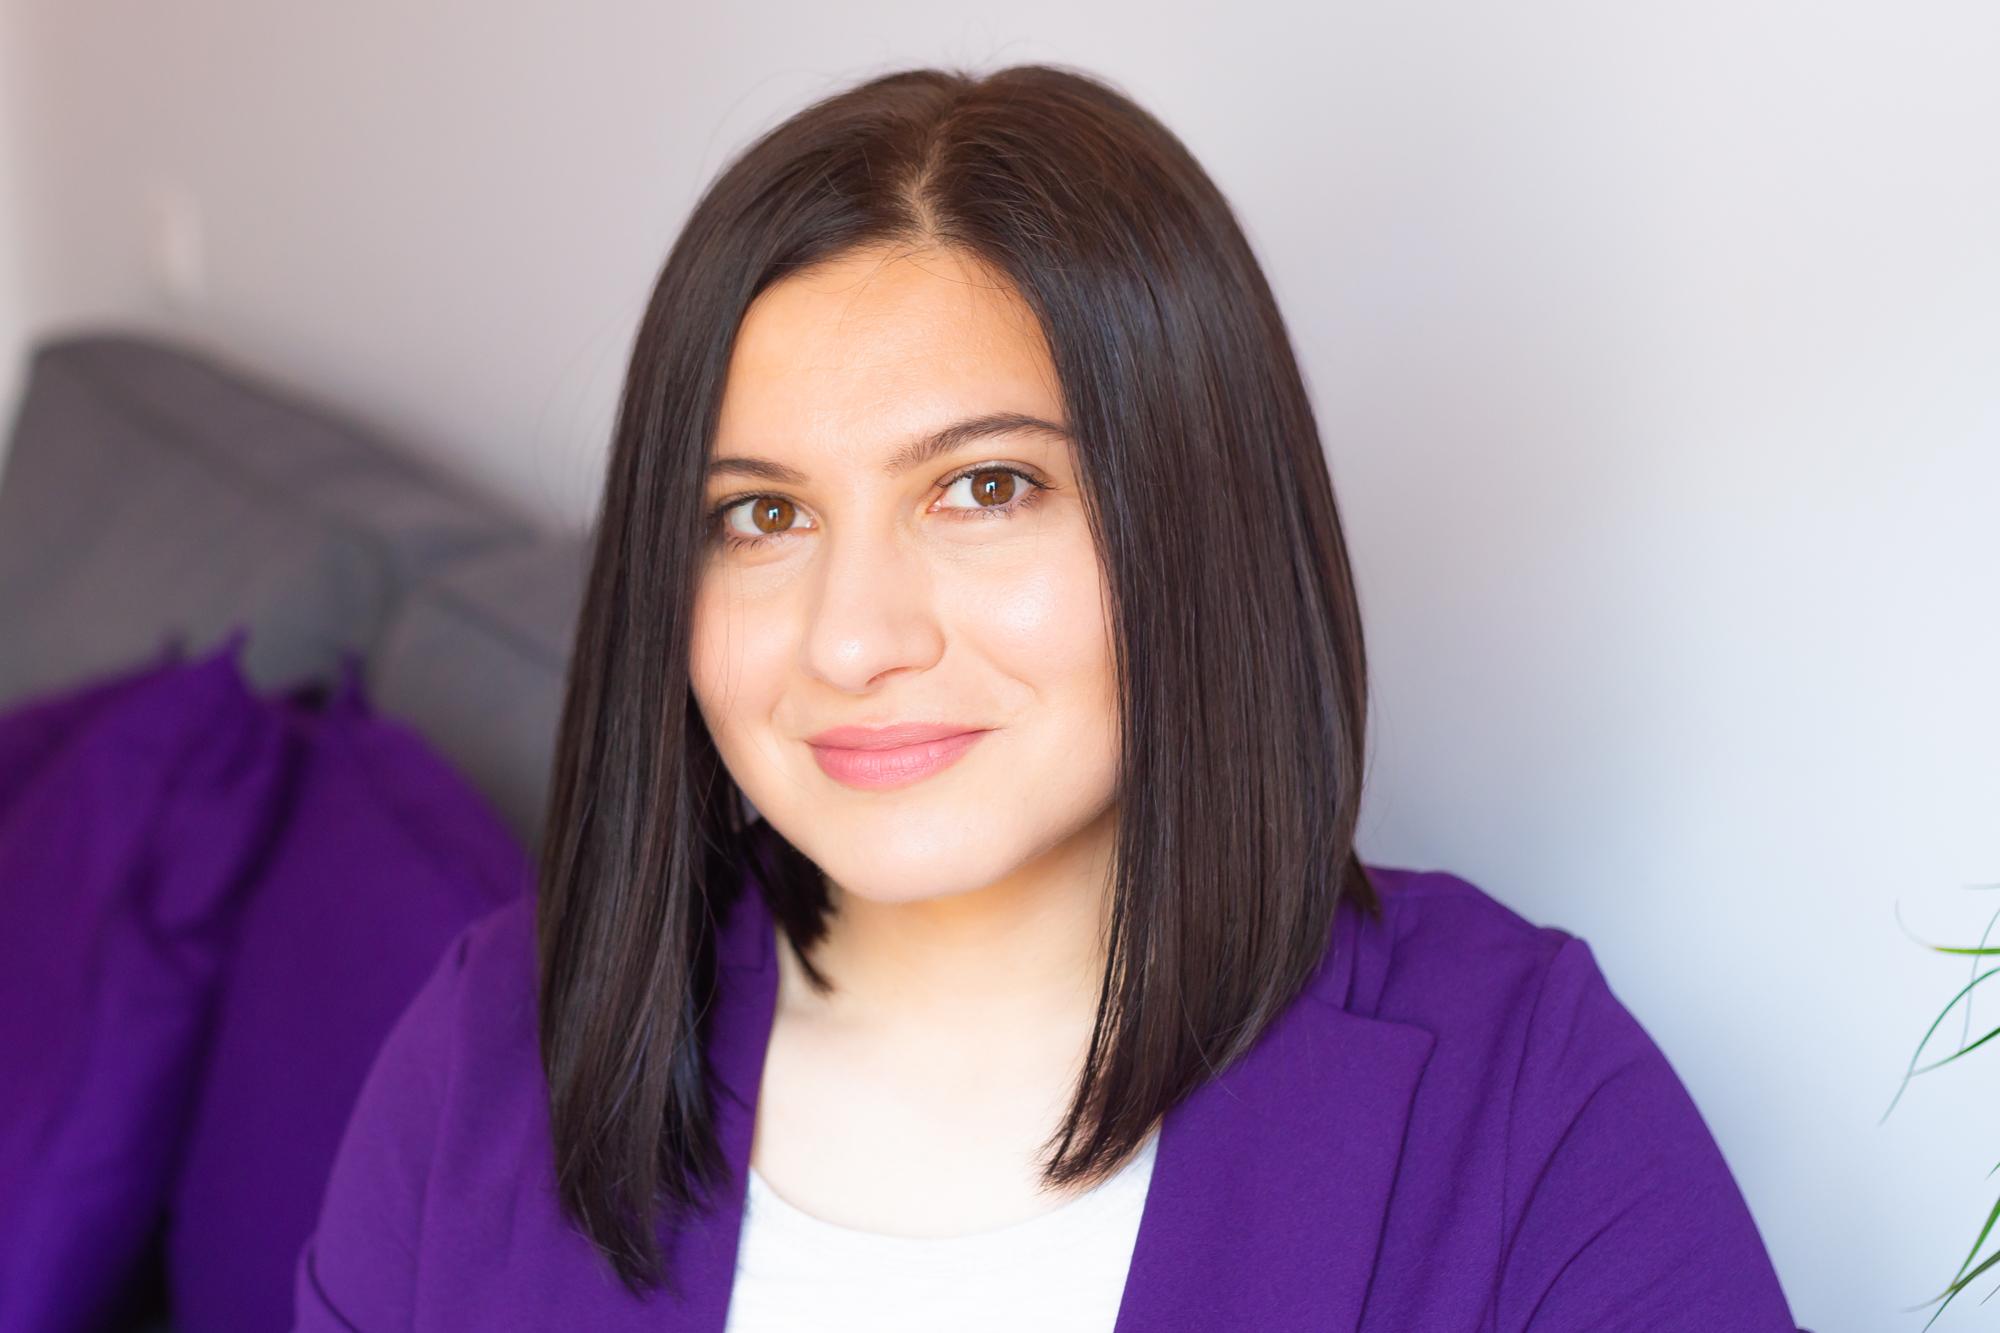 Ana Valeria Cazacu